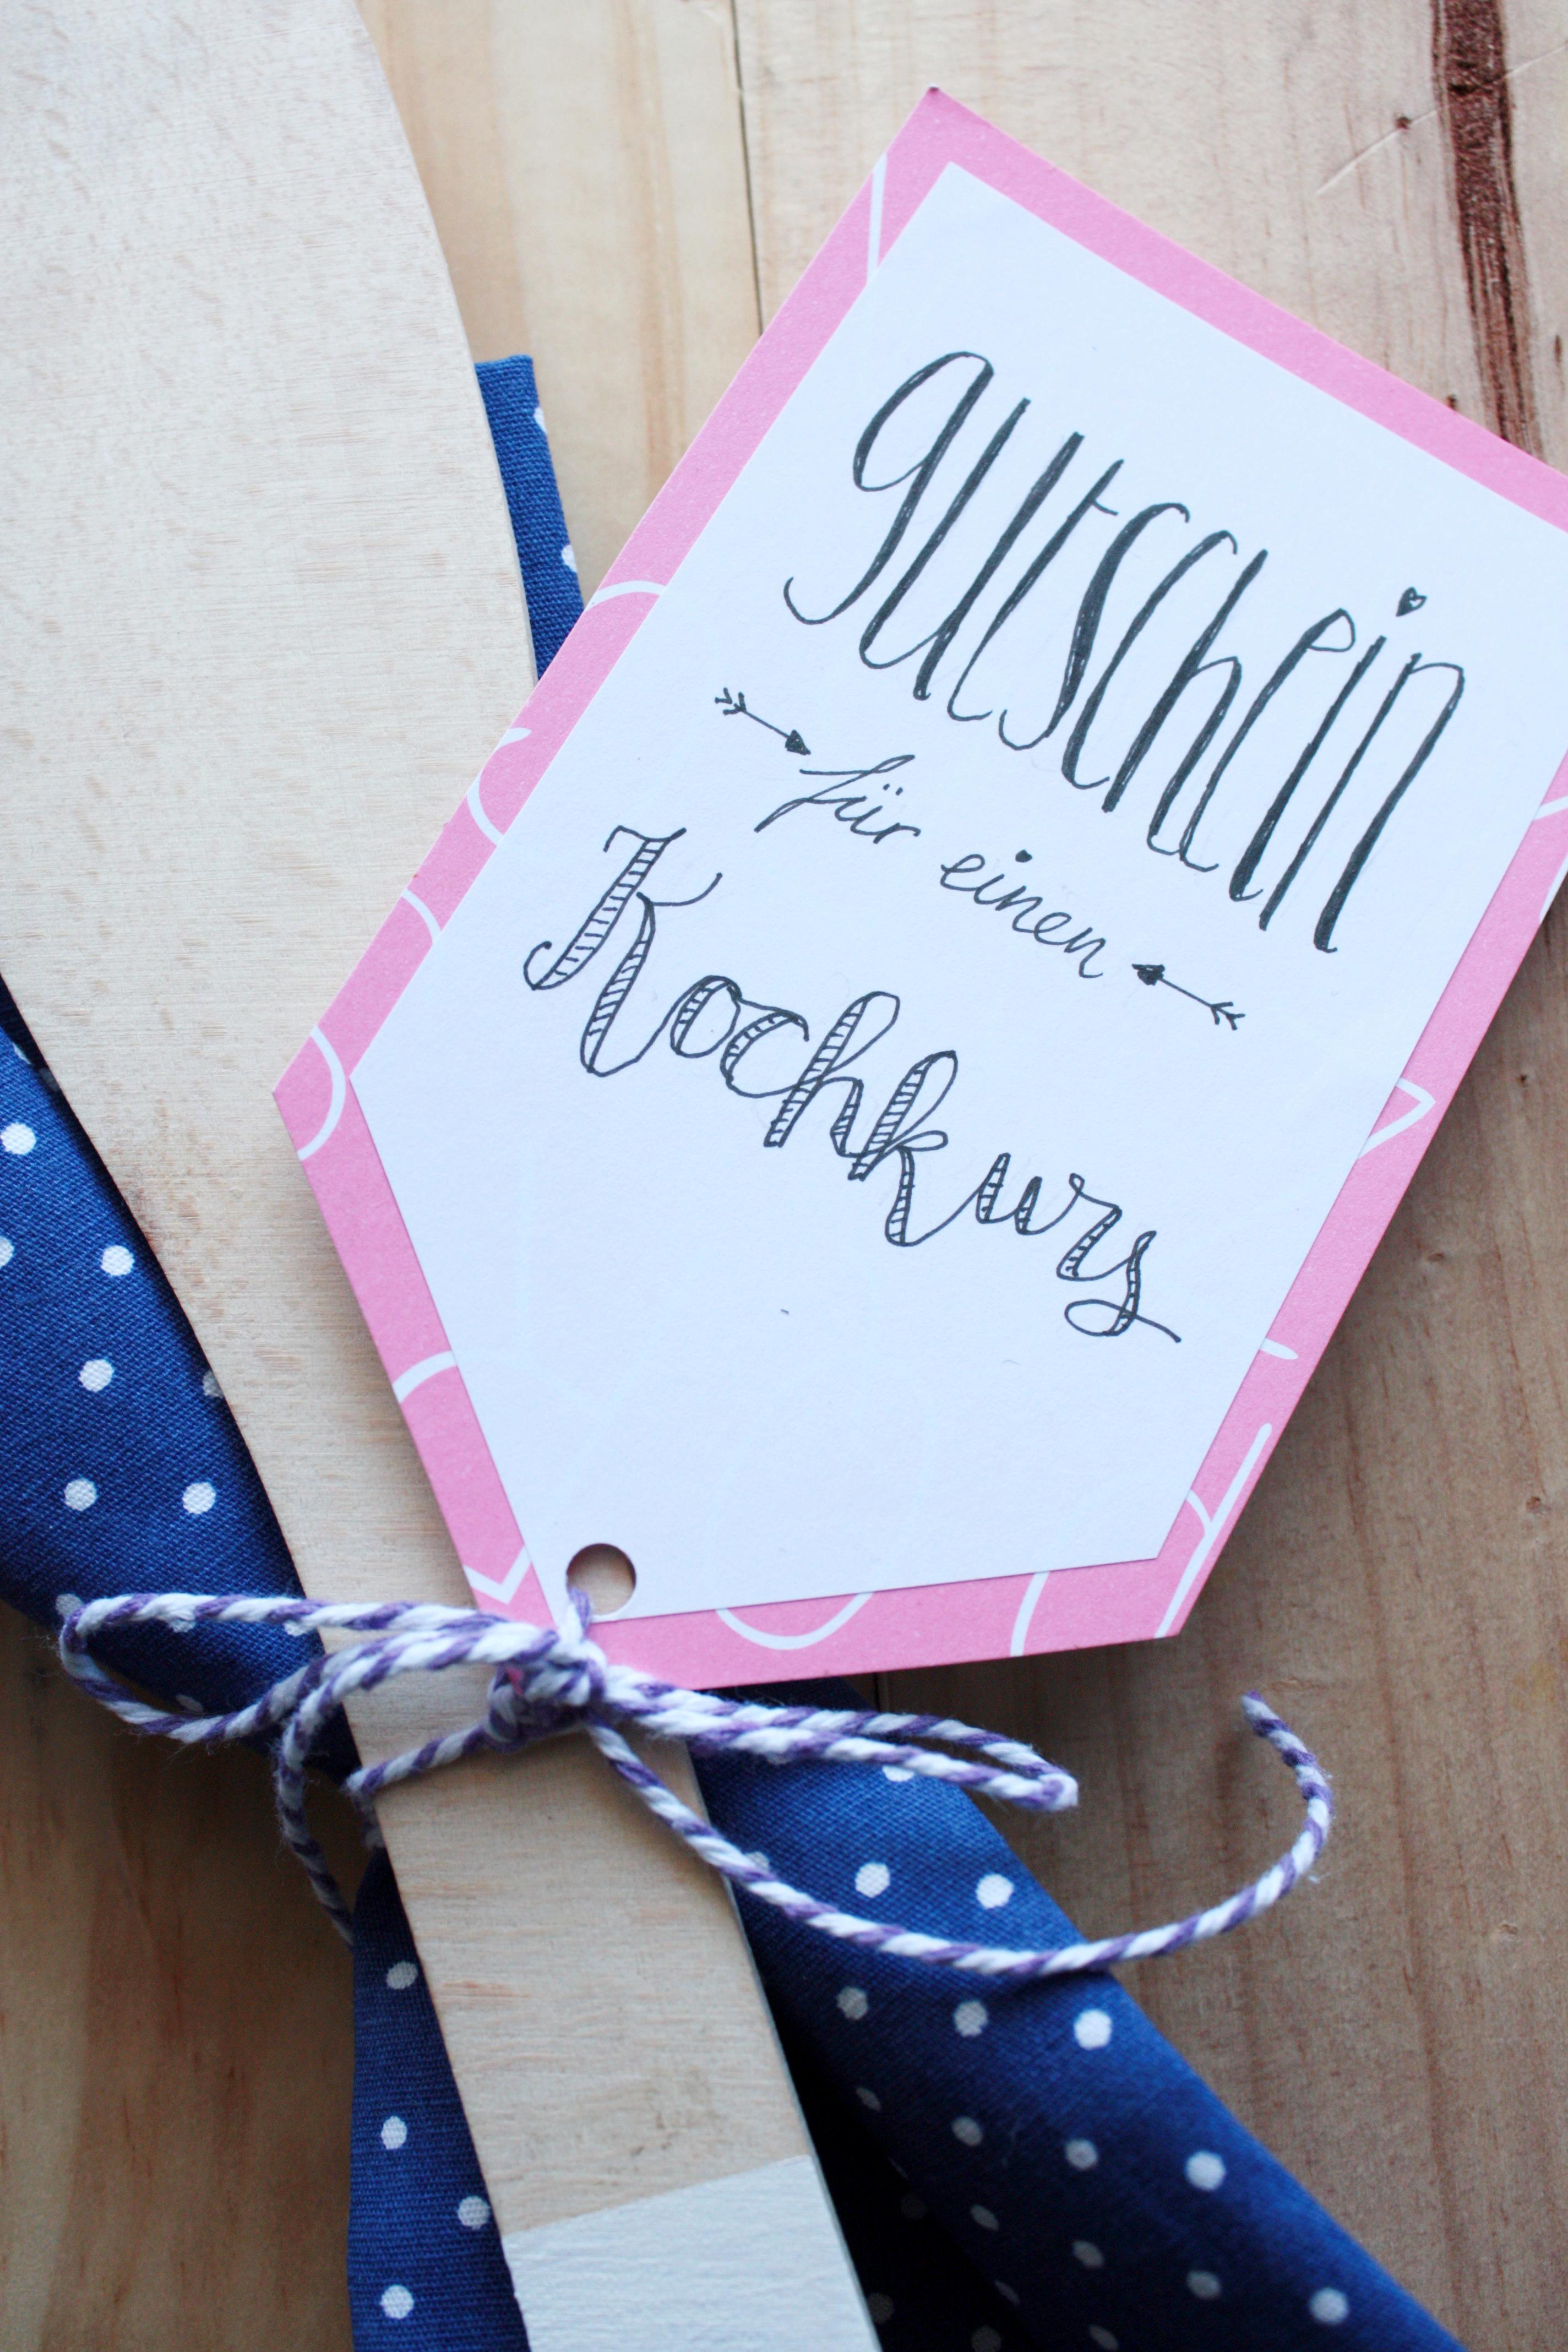 Gutscheine verpacken gutschein f r einen kochkurs selbst gestalten rosy grey diy blog - Gutschein selbst gestalten ideen ...